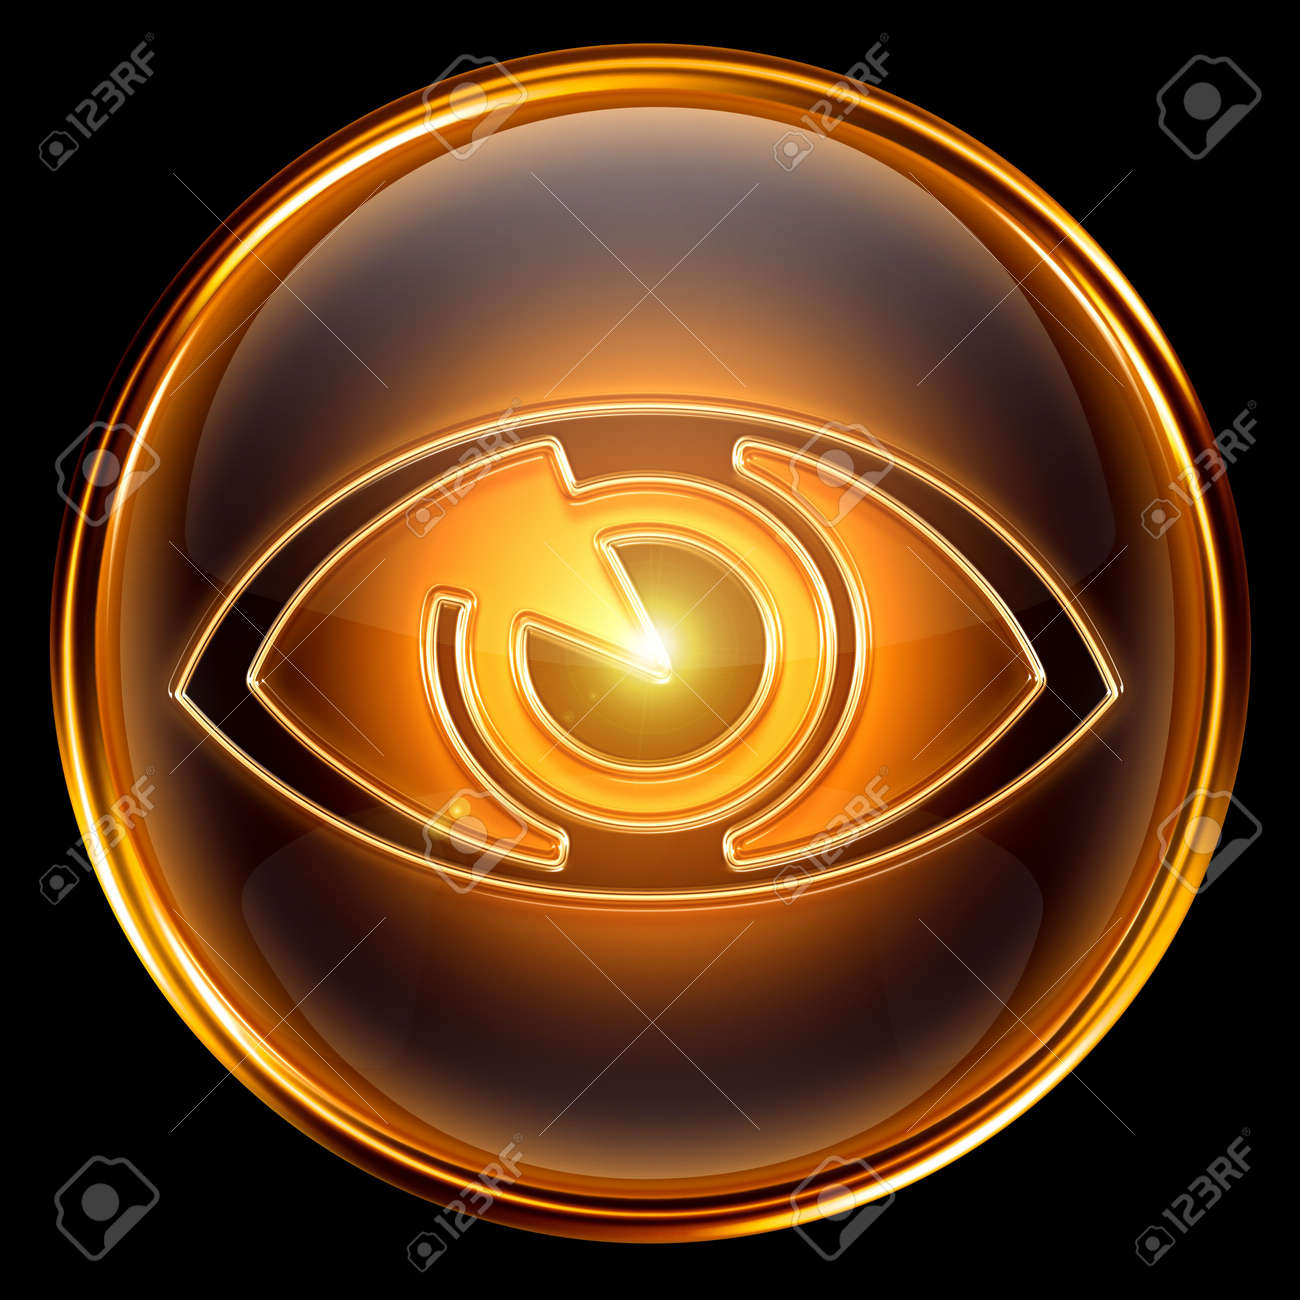 eye icon golden, isolated on black background. Stock Photo - 7150618